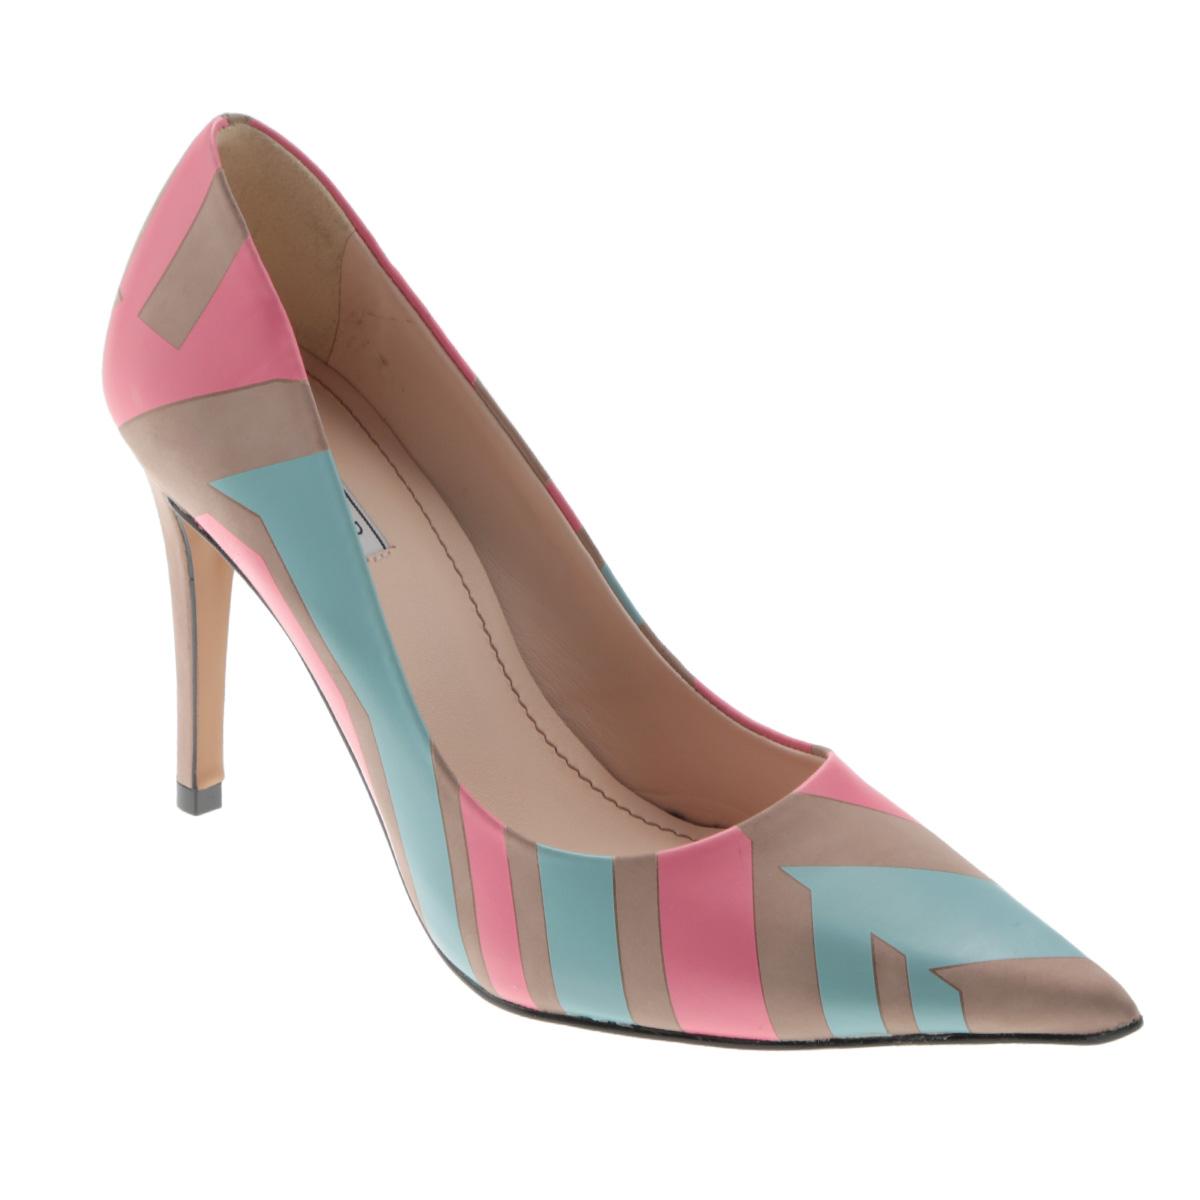 Туфли женские. 1-410621-41062Яркие женские туфли на шпильке от Werner прекрасно подчеркнут ваш стиль. Верх модели выполнен из натуральной кожи и оформлен оригинальным принтом. Внутренняя часть и стелька из натуральной кожи гарантируют комфорт и удобство при ходьбе. Высокий каблук подчеркнет красоту и стройность ваших ног. Подошва выполнена из прочного полимера с противоскользящим рифлением. Такие туфли станут прекрасным дополнением вашего гардероба. Они сделают вас ярче и подчеркнут вашу индивидуальность!